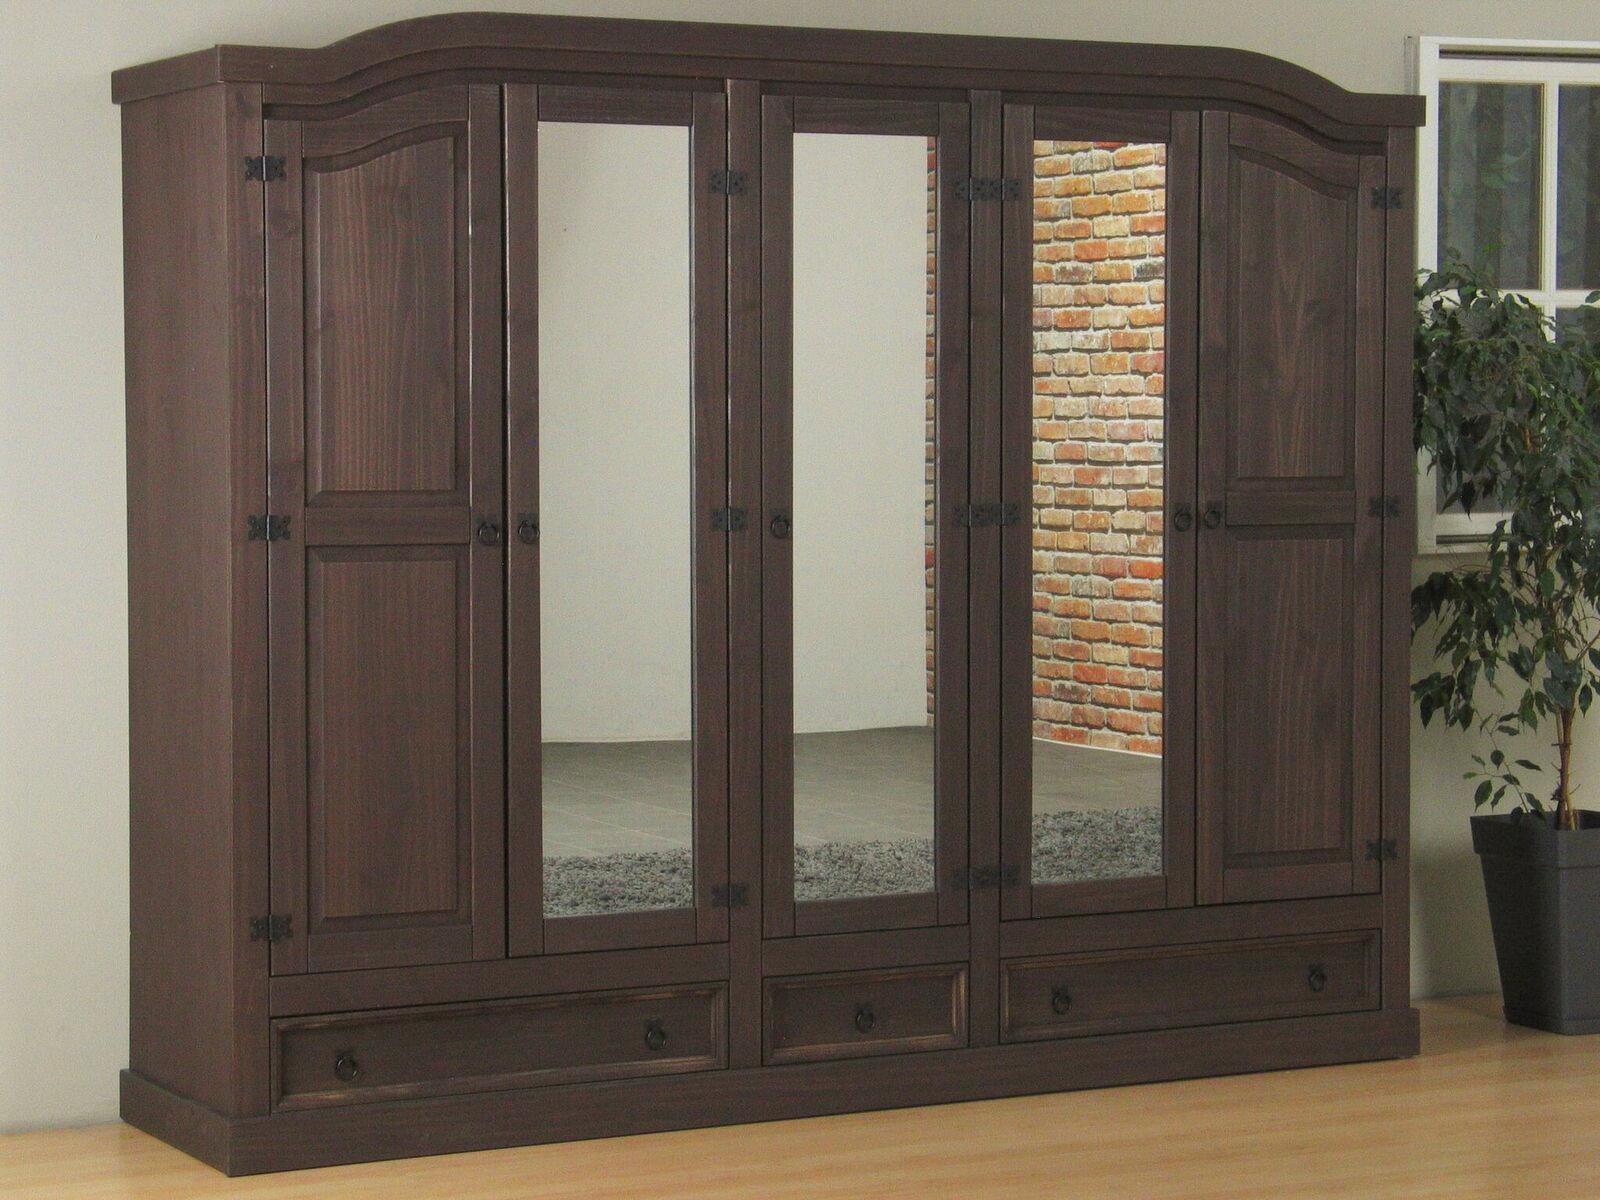 5 t riger kleiderschrank new mexico kiefer massiv mexiko schlafzimmer schrank ebay. Black Bedroom Furniture Sets. Home Design Ideas